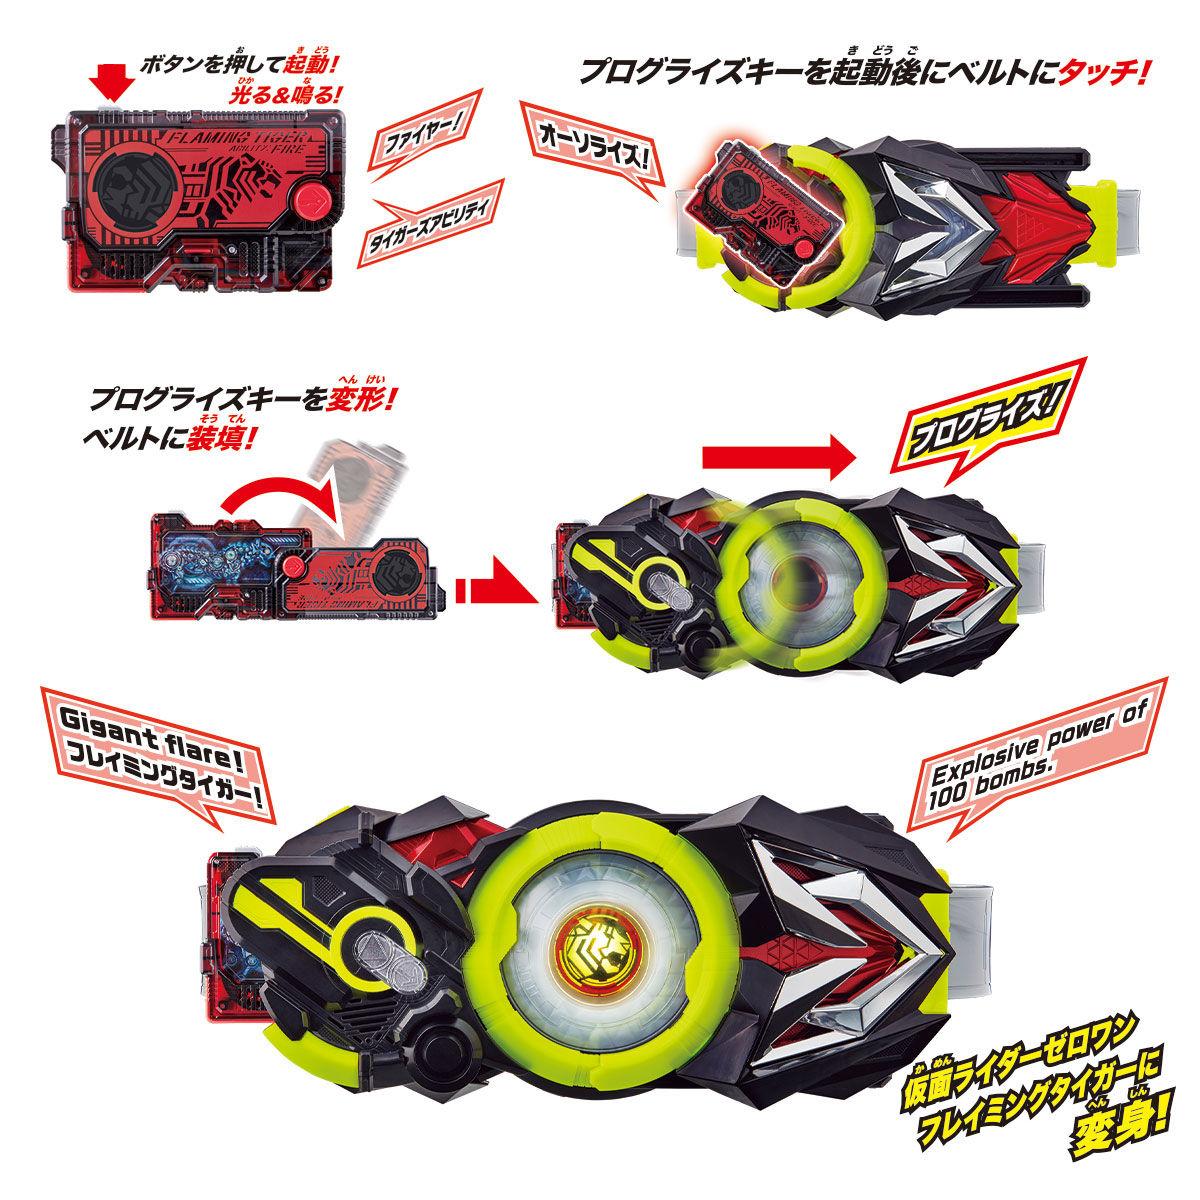 仮面ライダーゼロワン『DXフレイミングタイガープログライズキー』変身なりきり-004